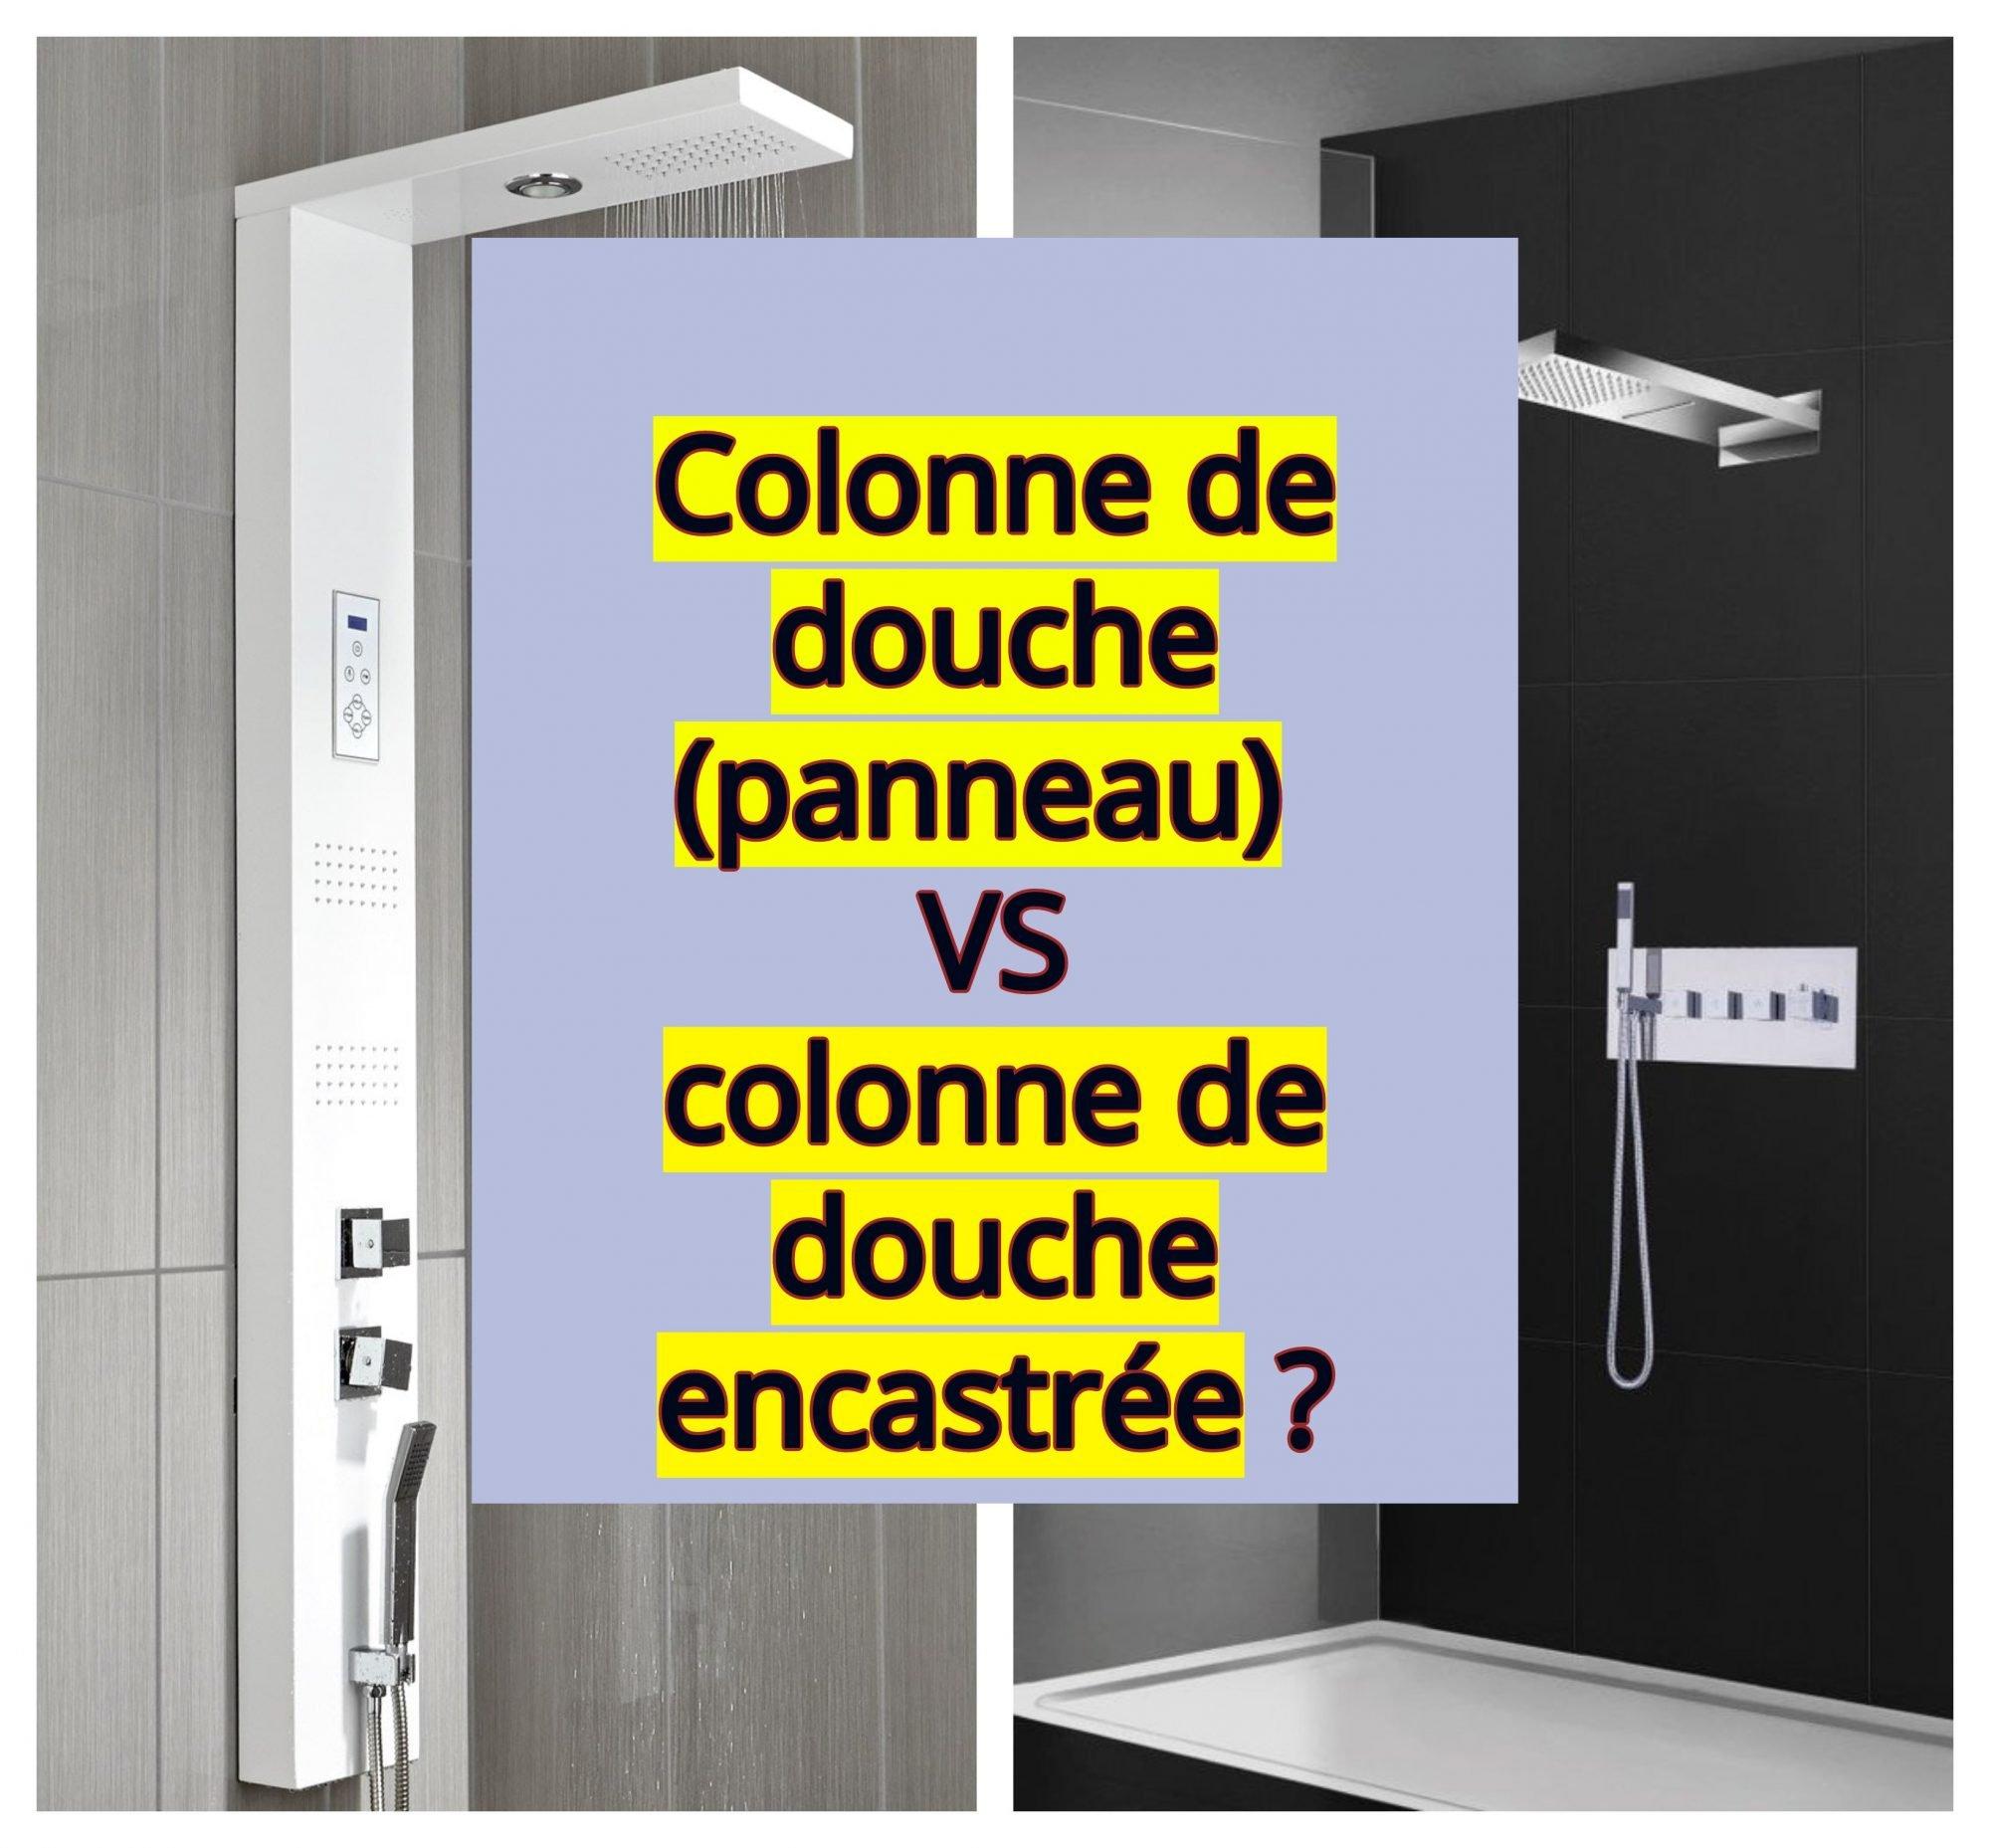 Colonne de douche panneau ou colonne de douche encastr e - Colonne de douche exterieur ...